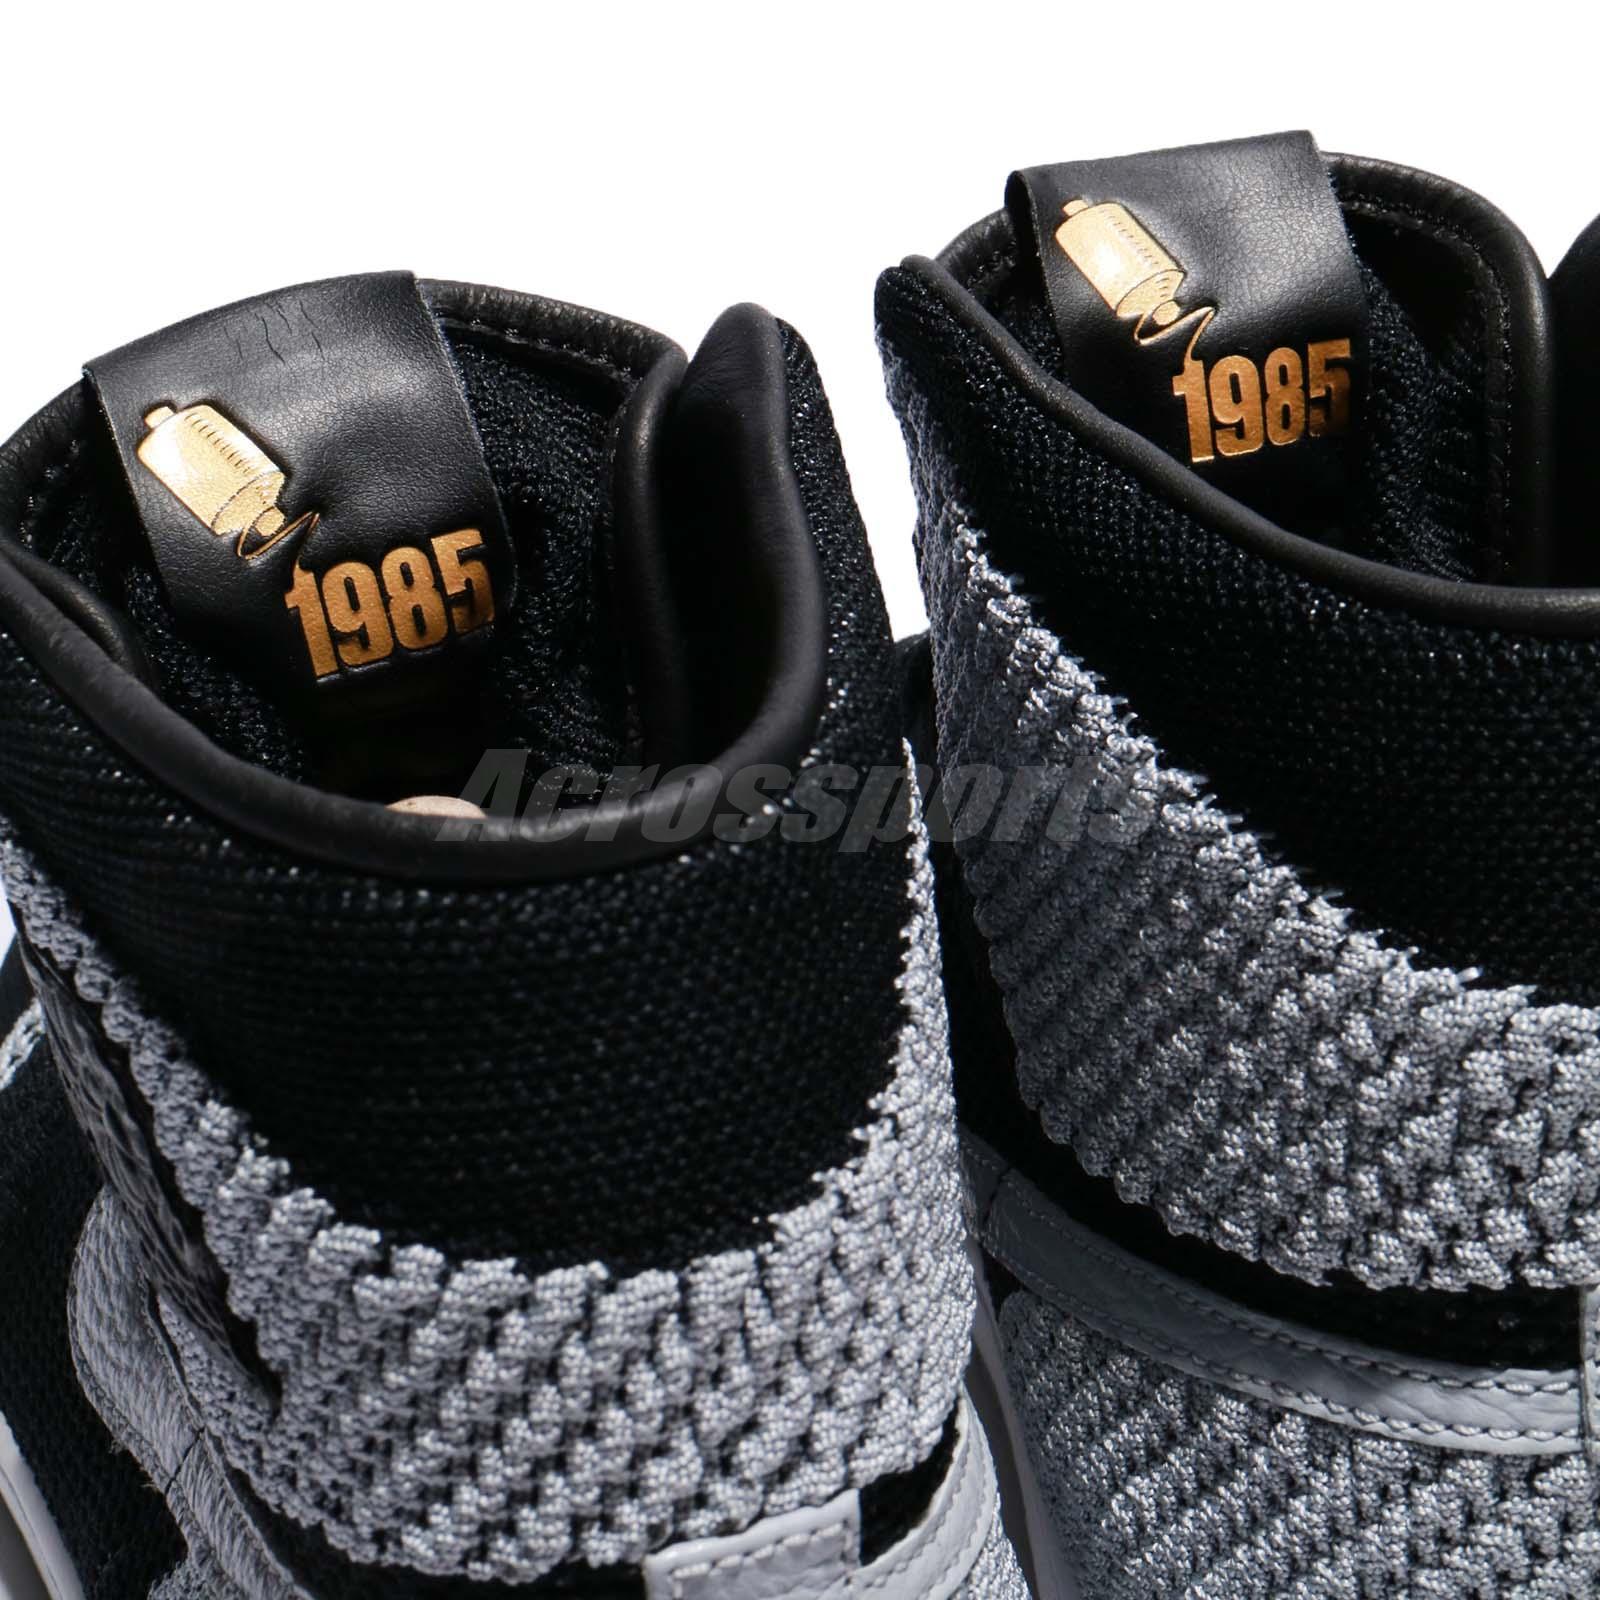 Air Jordan 1 Ko Alta Og Sombra Ebay Uk gpfqd9R